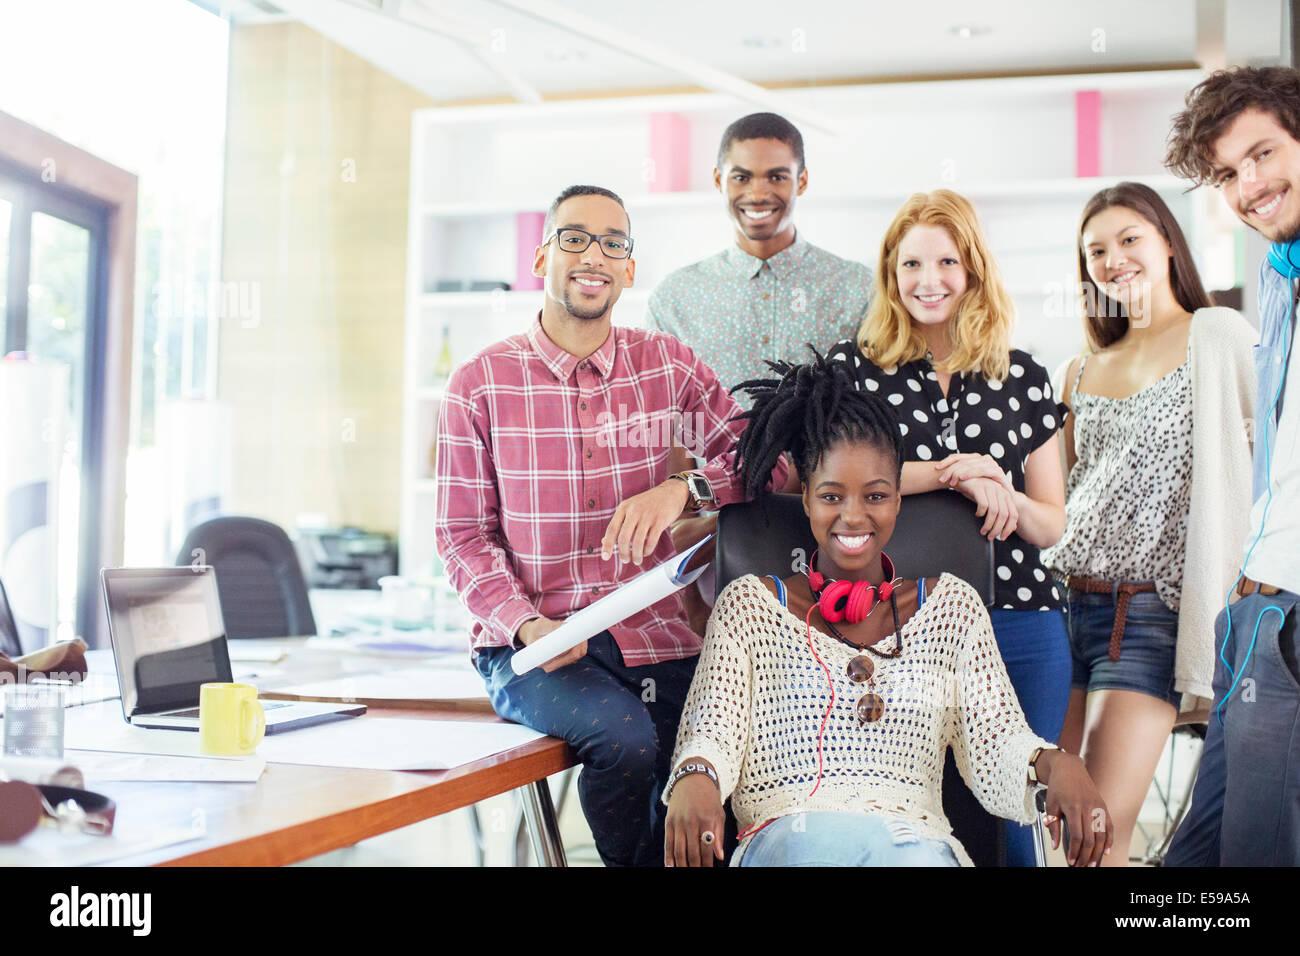 Persone insieme sorridente in ufficio Immagini Stock